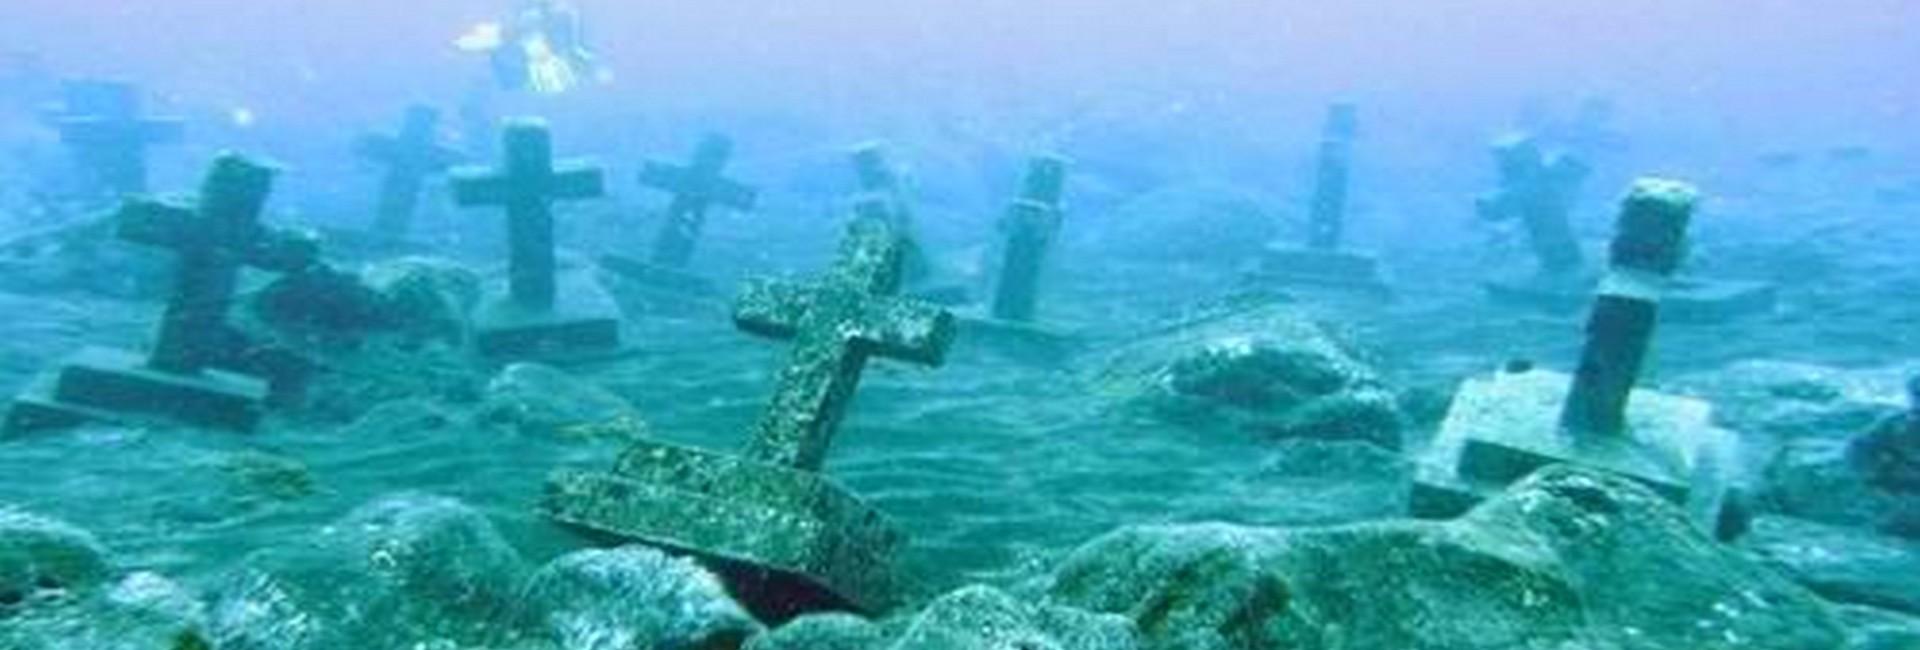 morminte părinţi copii exod România străinătate slider